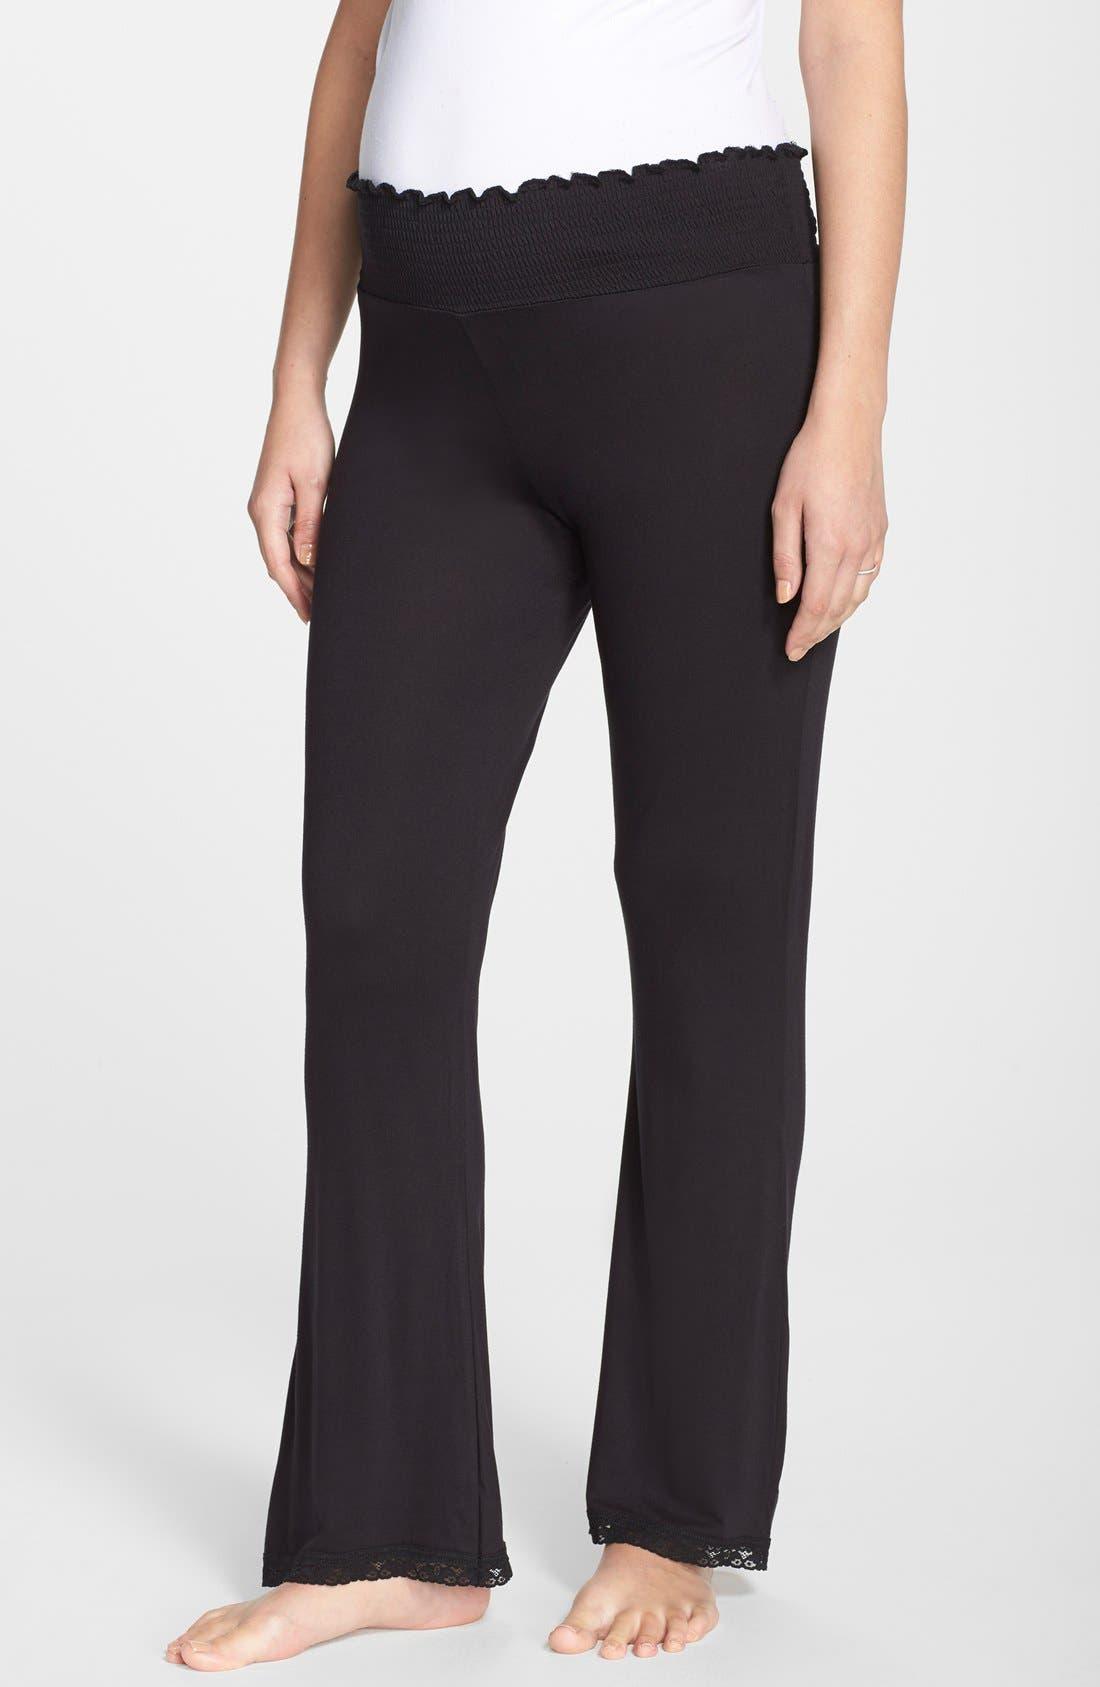 Lace Trim Maternity Lounge Pants,                             Main thumbnail 1, color,                             001